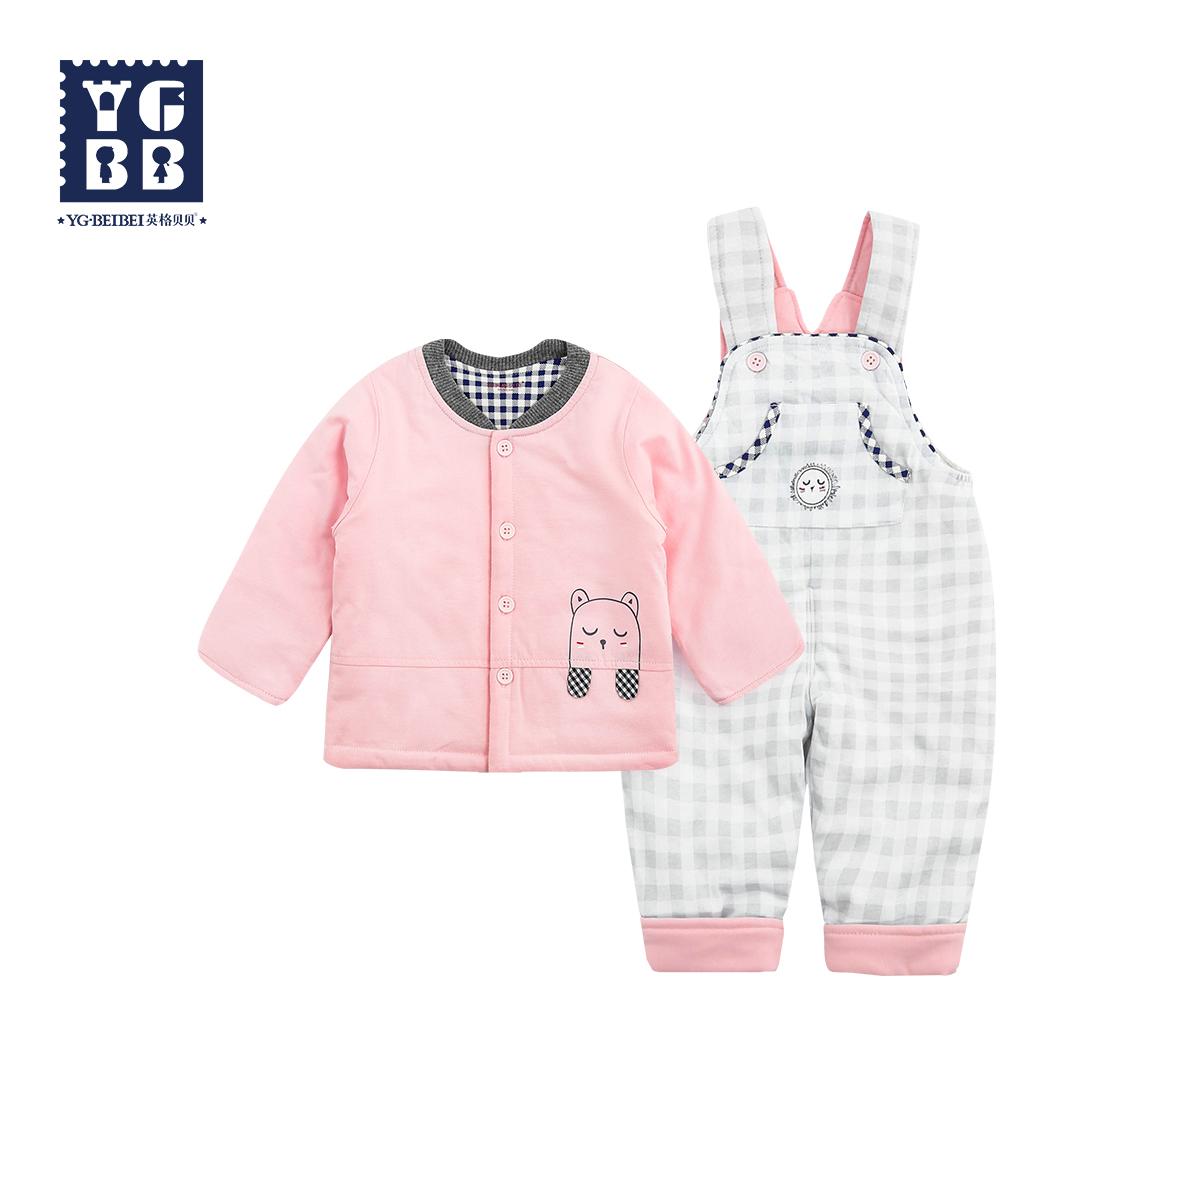 英格贝贝2018秋装新款婴儿背带裤套装0-1岁宝宝春秋薄棉衣两件套